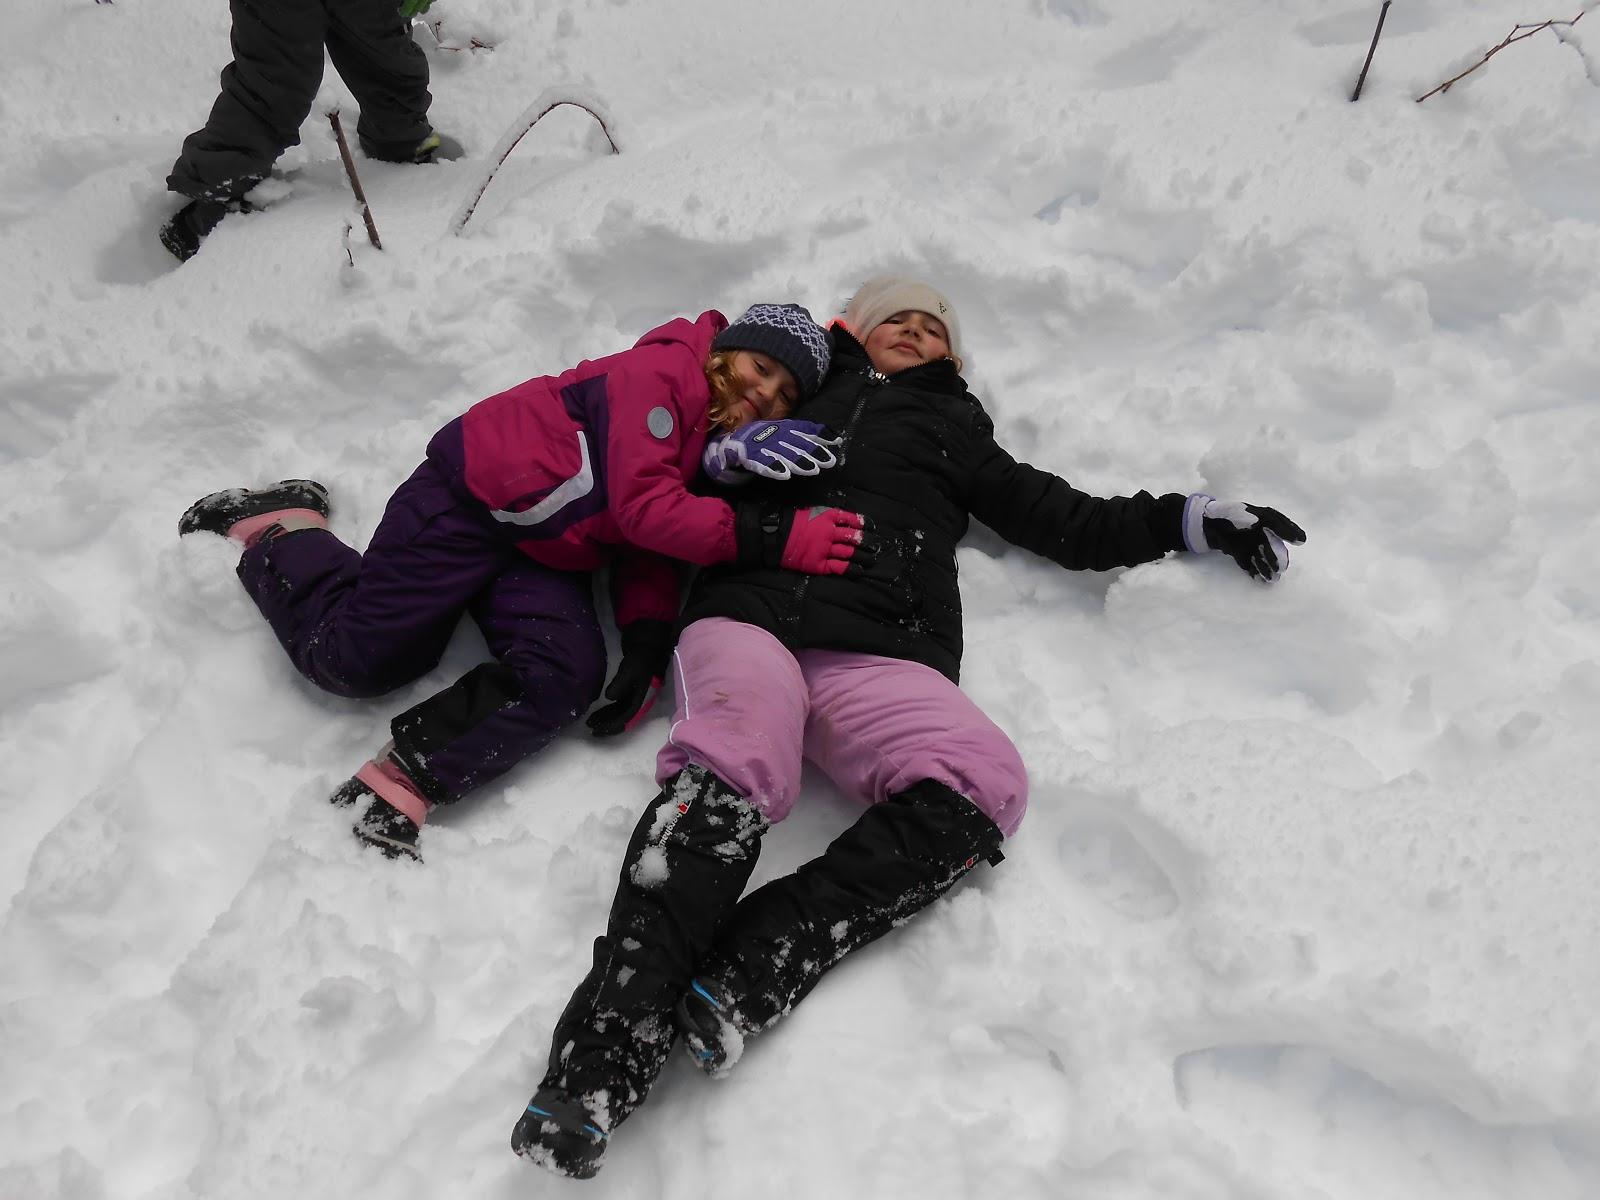 MČ zimovanje, Črni dol, 12.-13. februar 2016 - DSCN5003.JPG